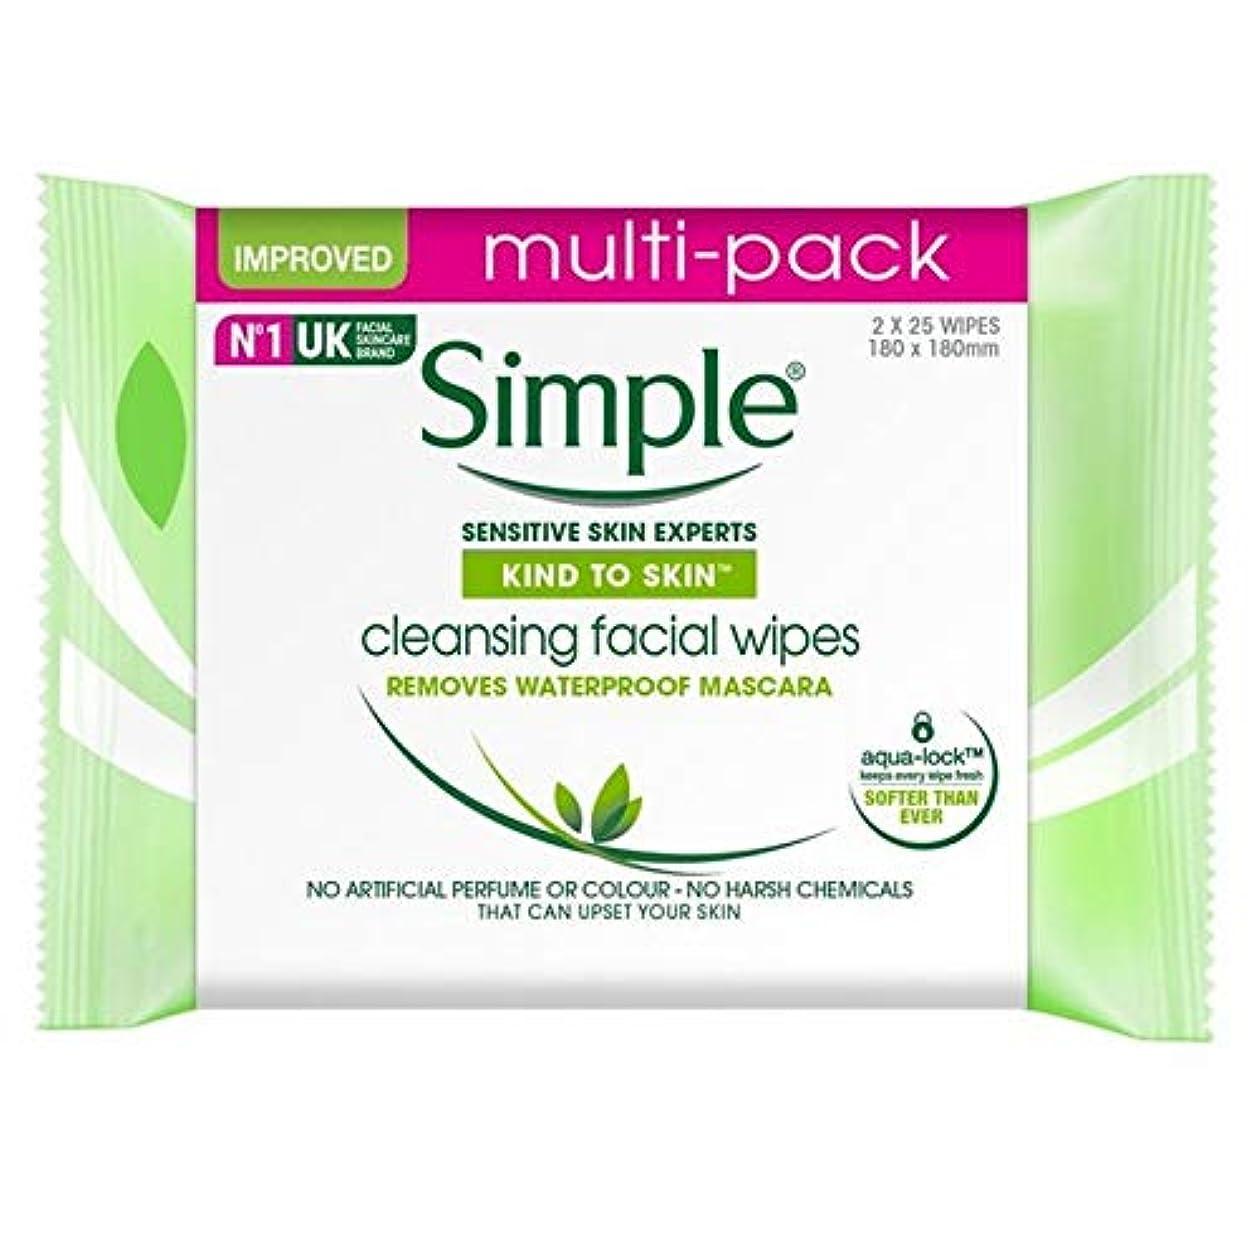 宿命溶かす精巧な[Simple ] 肌のクレンジングフェイシャルワイプ2×25パックあたりに簡単な種類 - Simple Kind To Skin Cleansing Facial Wipes 2 x 25 per pack [並行輸入品]